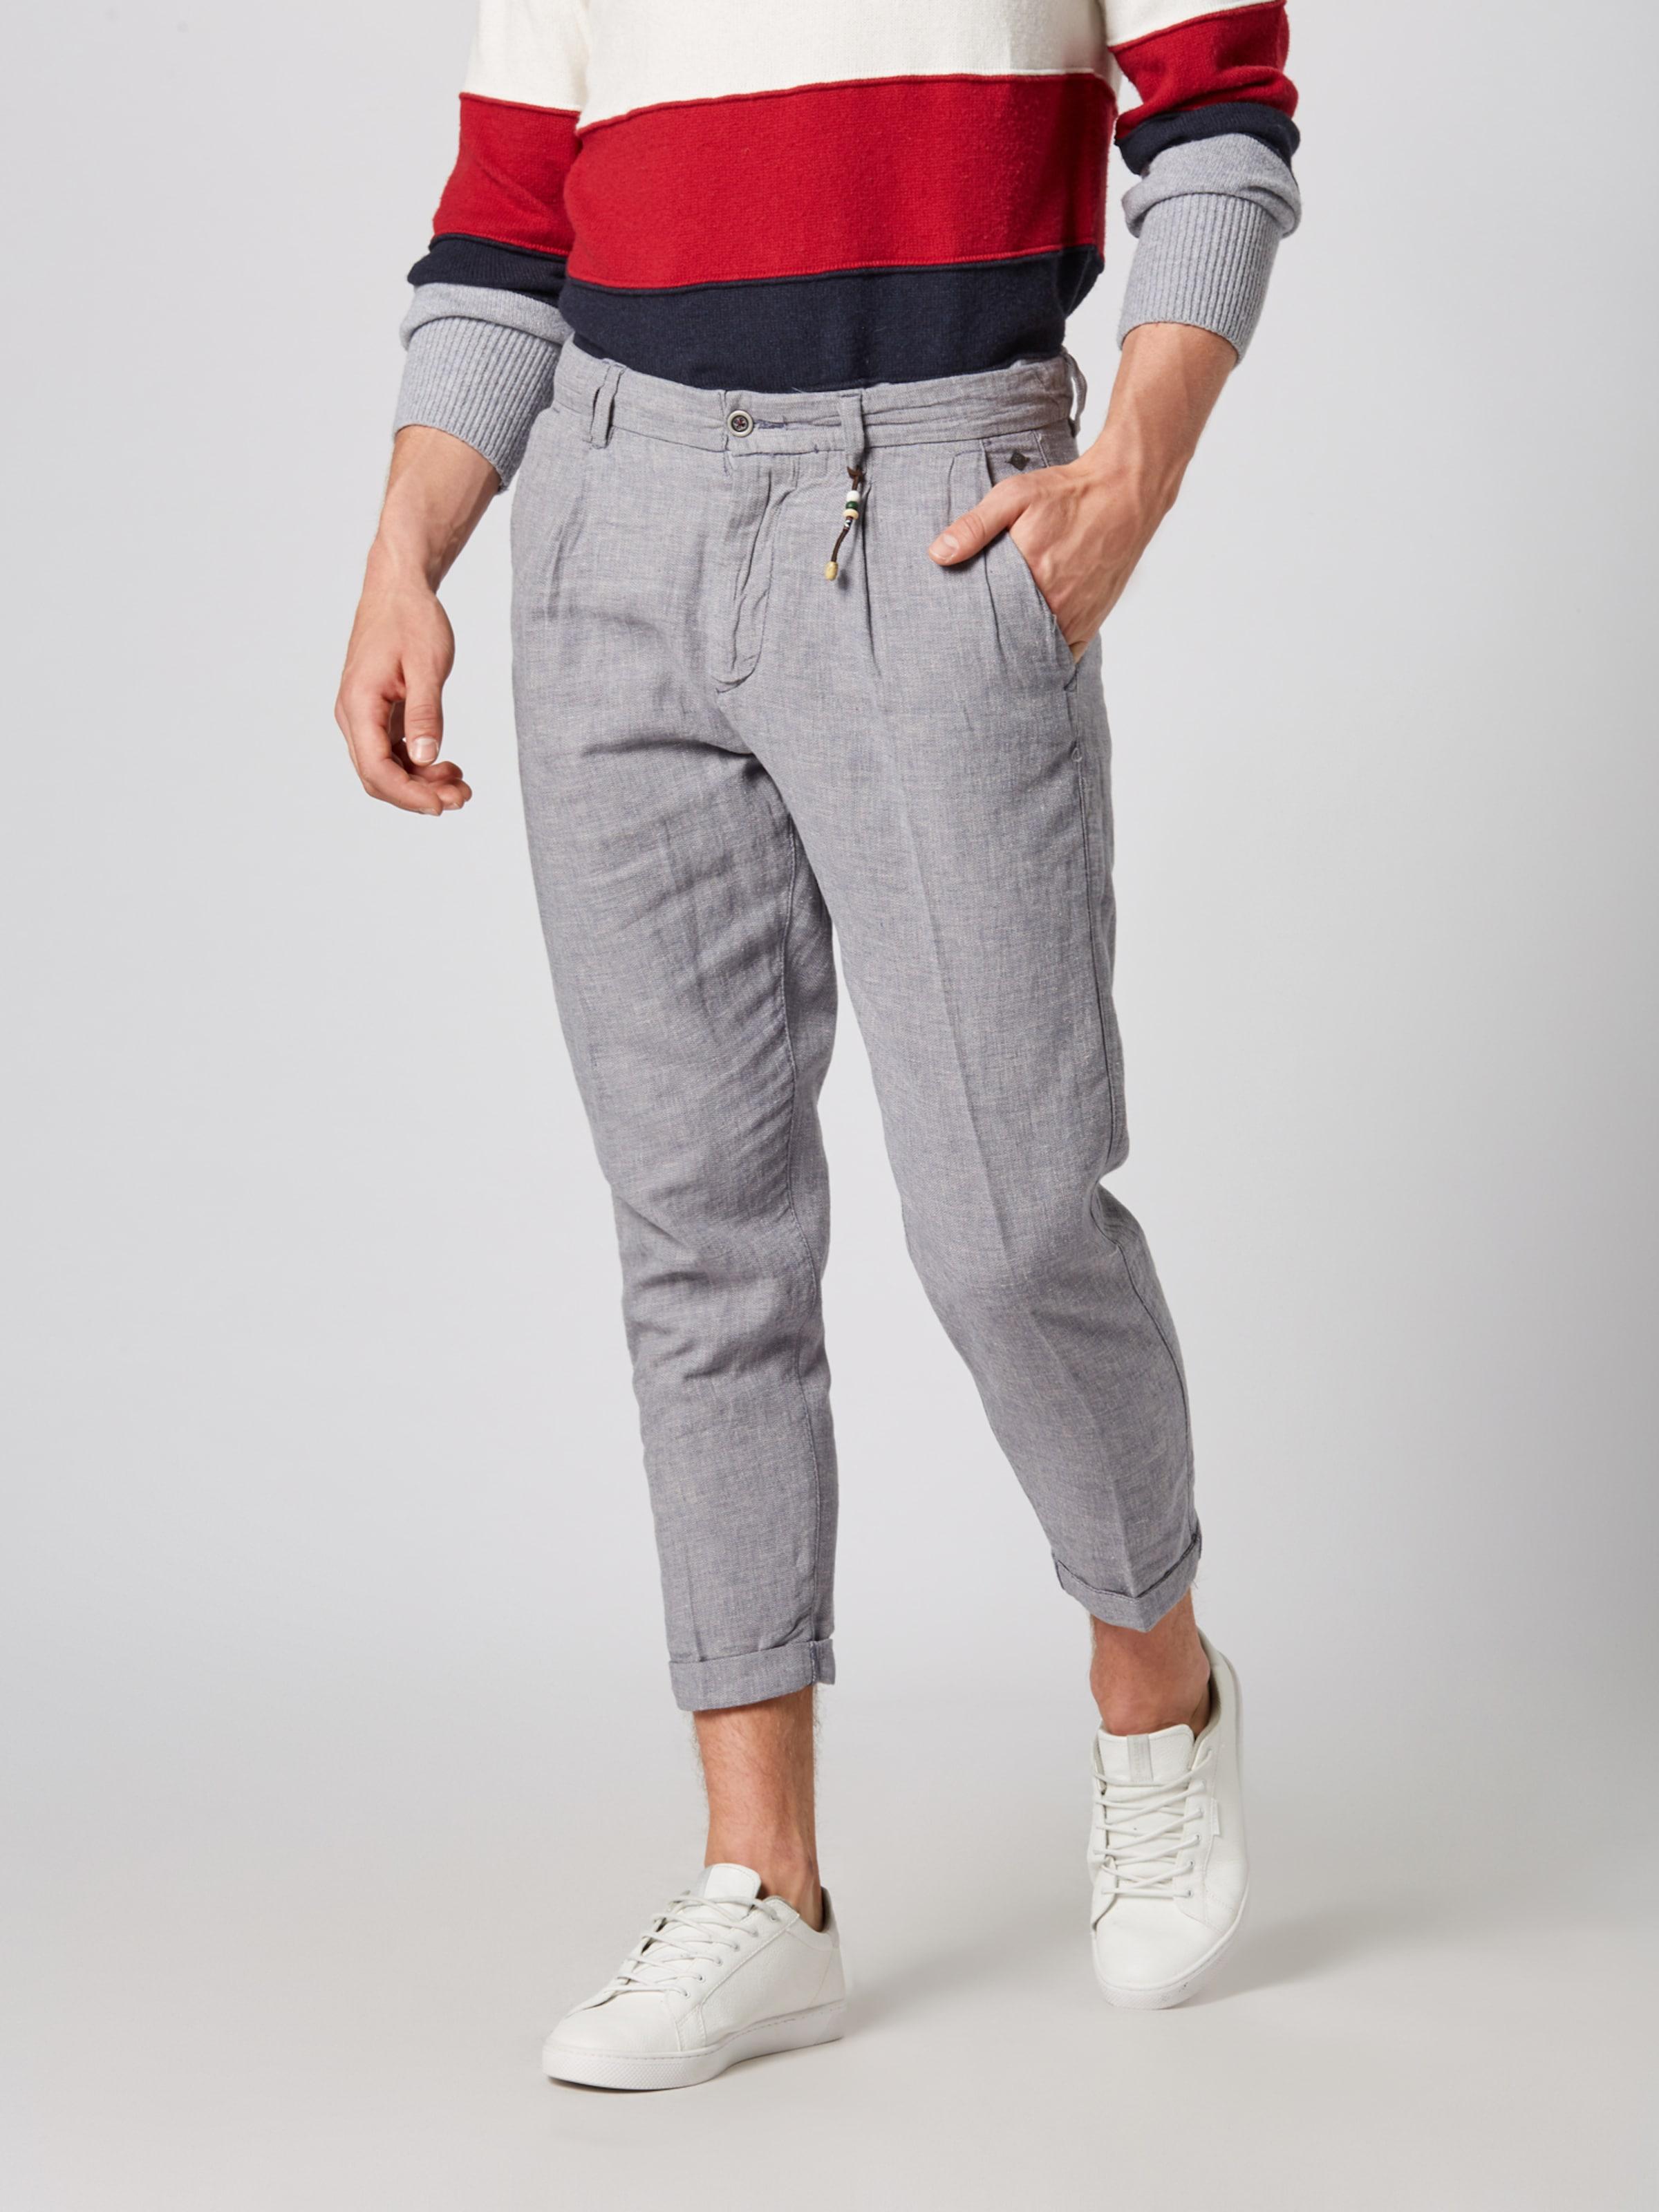 En Jackamp; 'milton Vintage' Gris Pantalon Chino Jones 4Rq5jcA3L